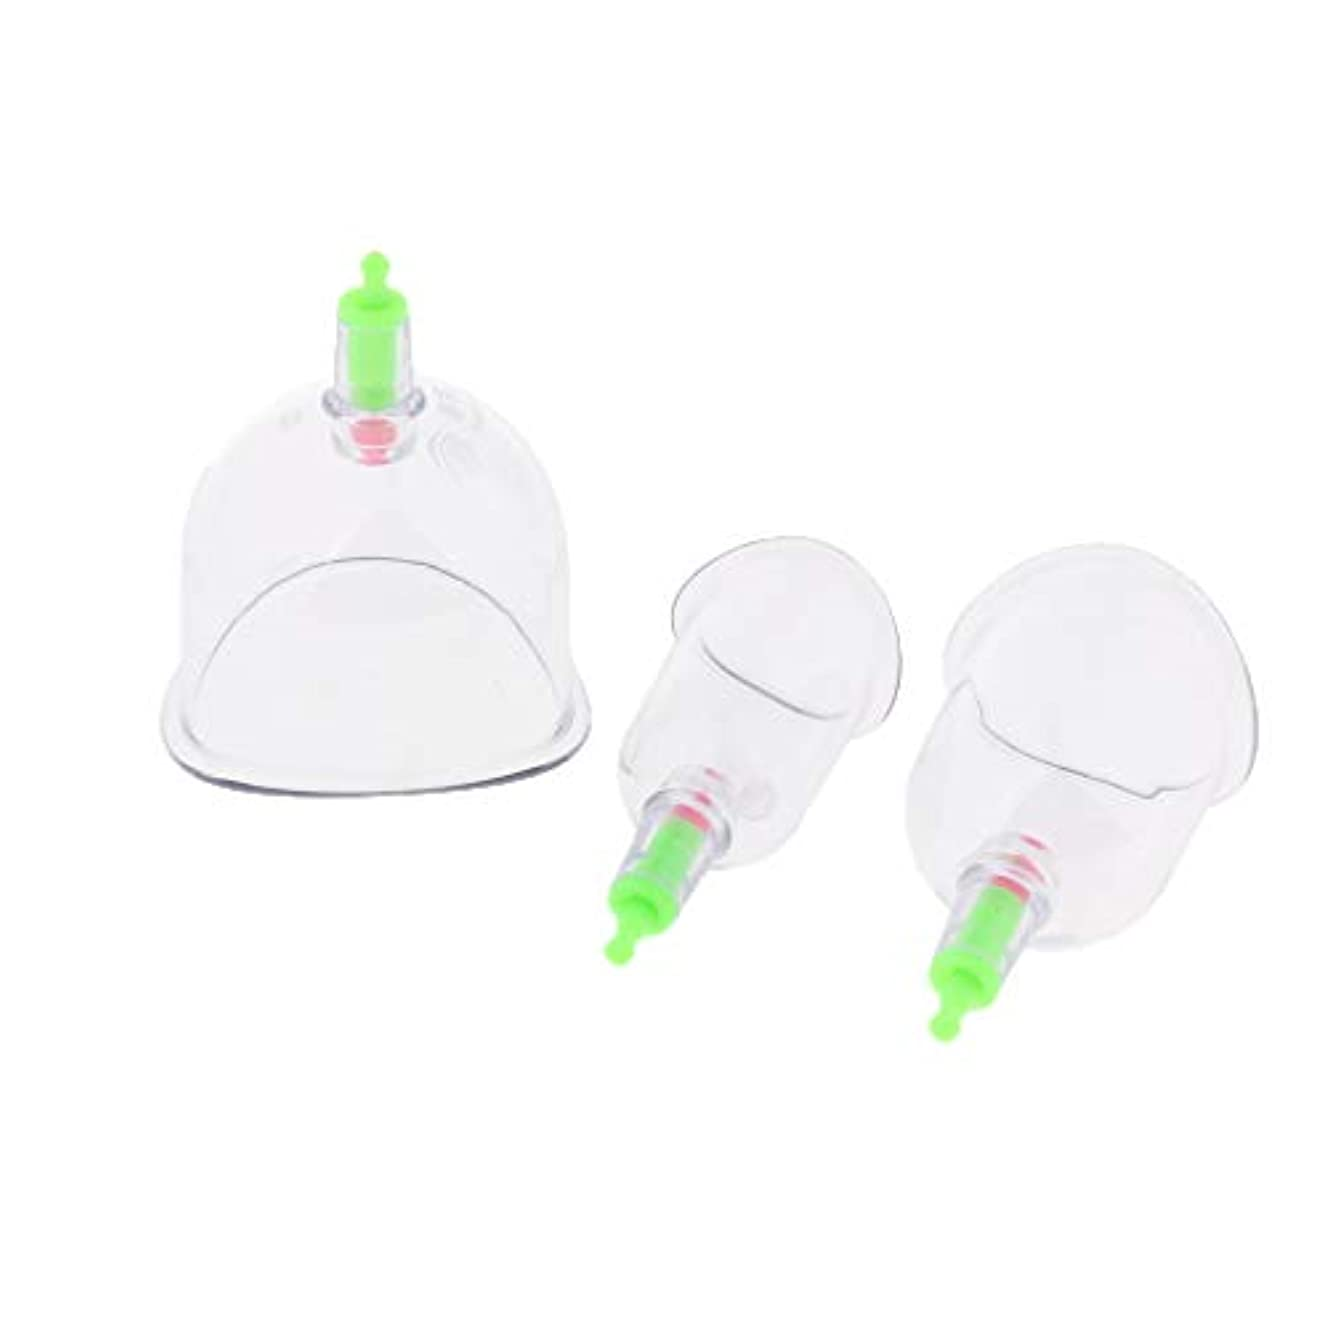 FLAMEER 真空カッピングセット 透明なボディマッサージカップ 吸い玉 プラスチック 健康ケア 男女兼用 3個入